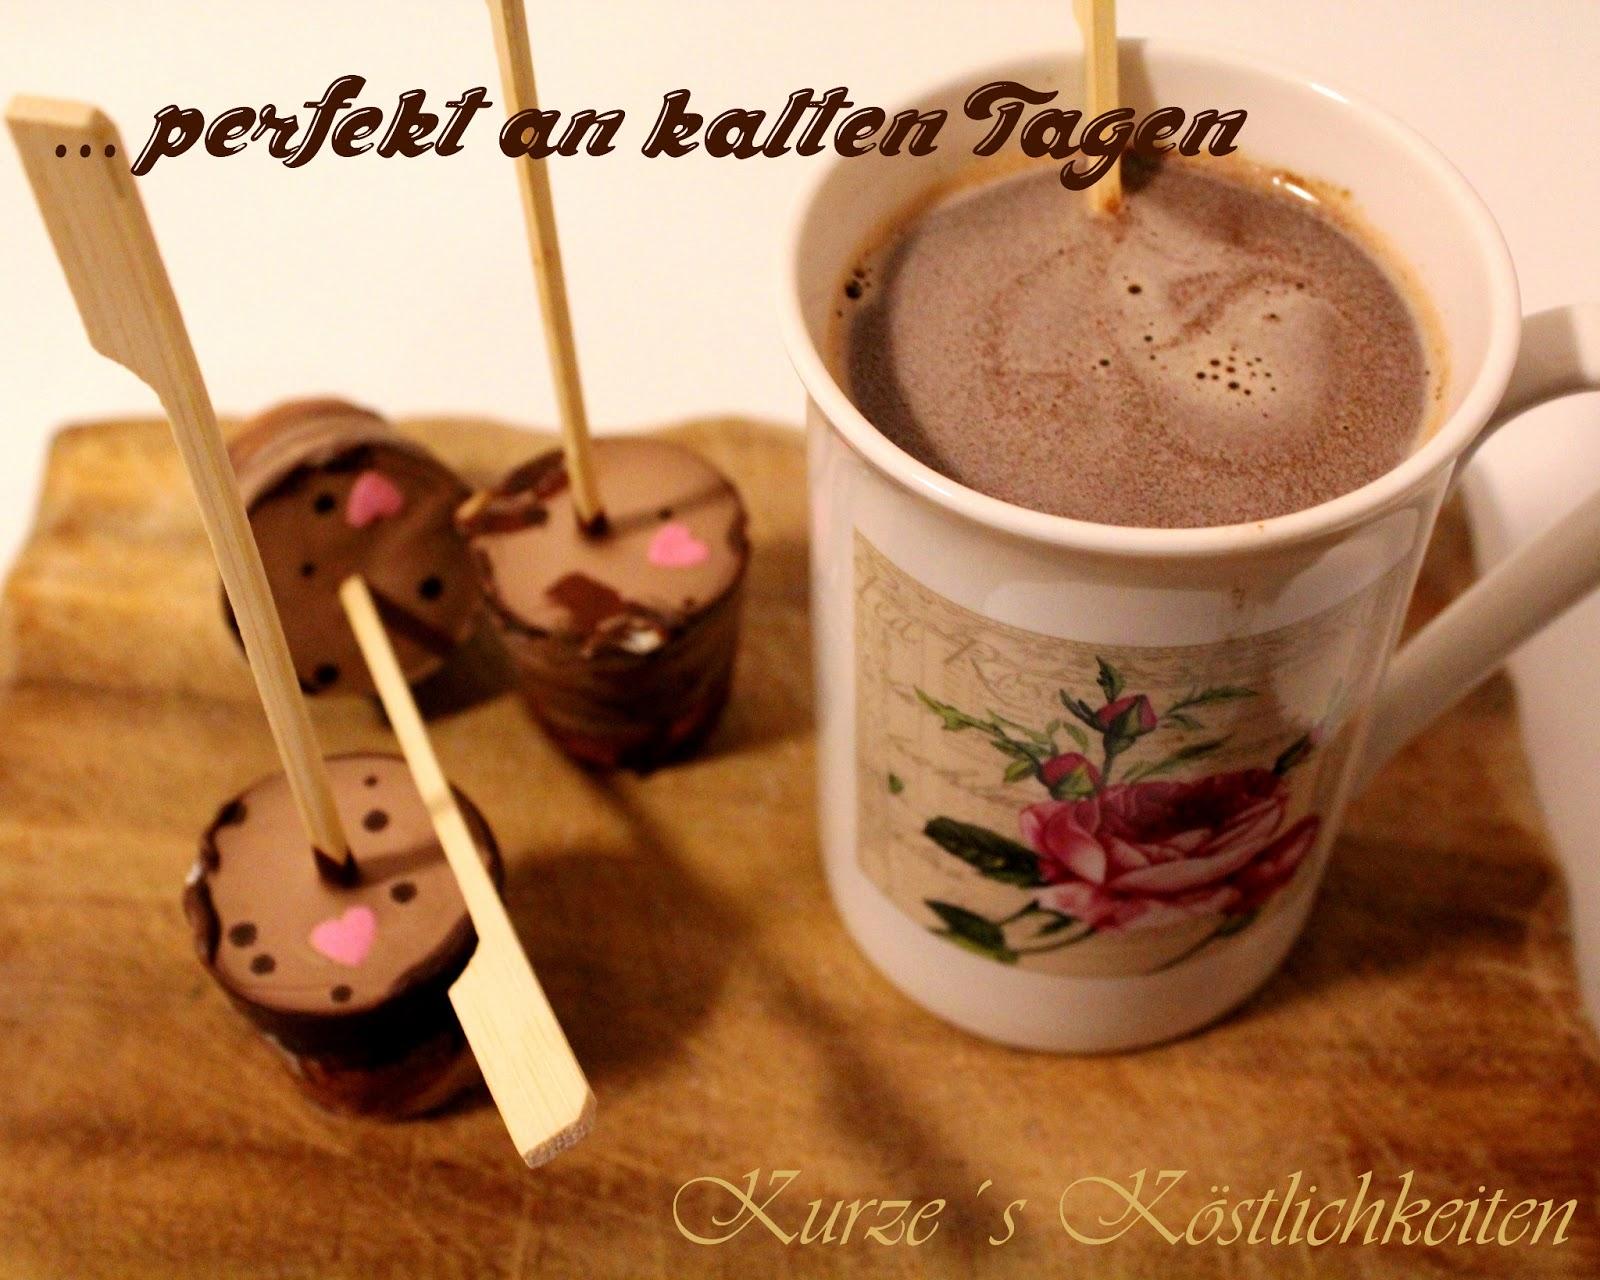 Kurzes Köstlichkeiten Schokolade Am Stiel